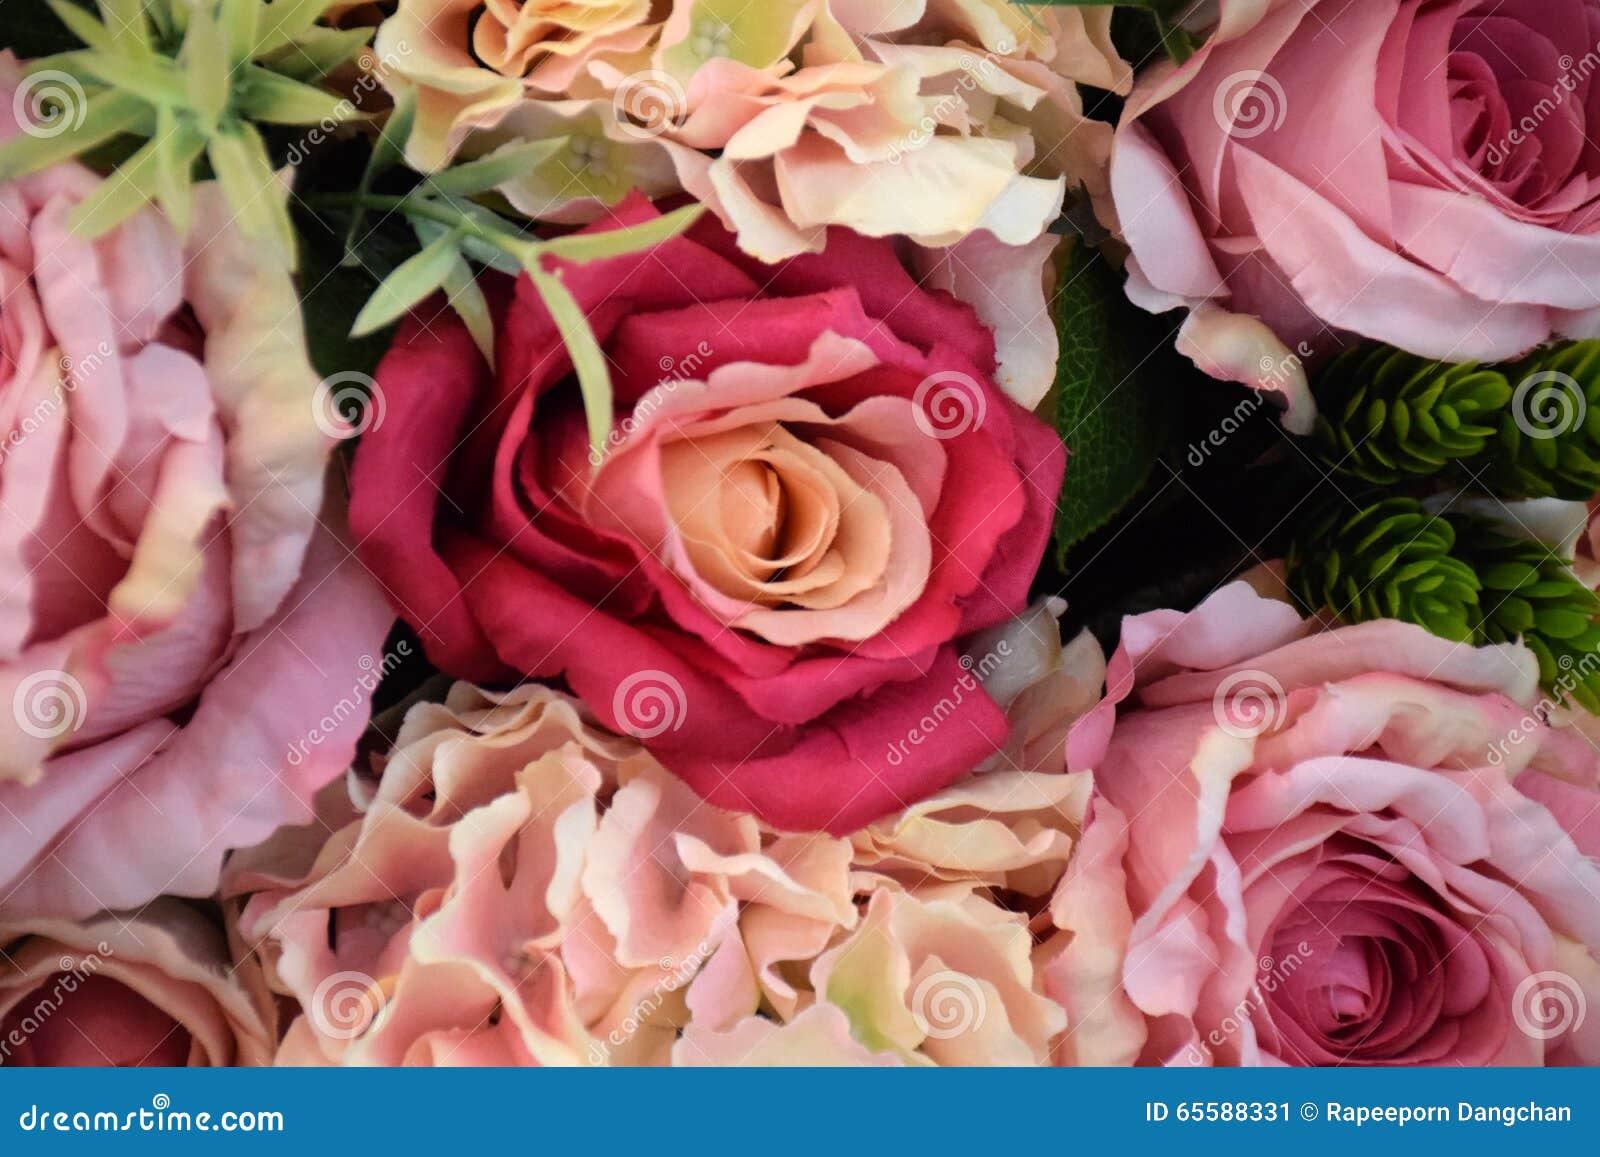 Fleur Coloree De Rose Dans Le Lieu De Reunion Image Stock Image Du